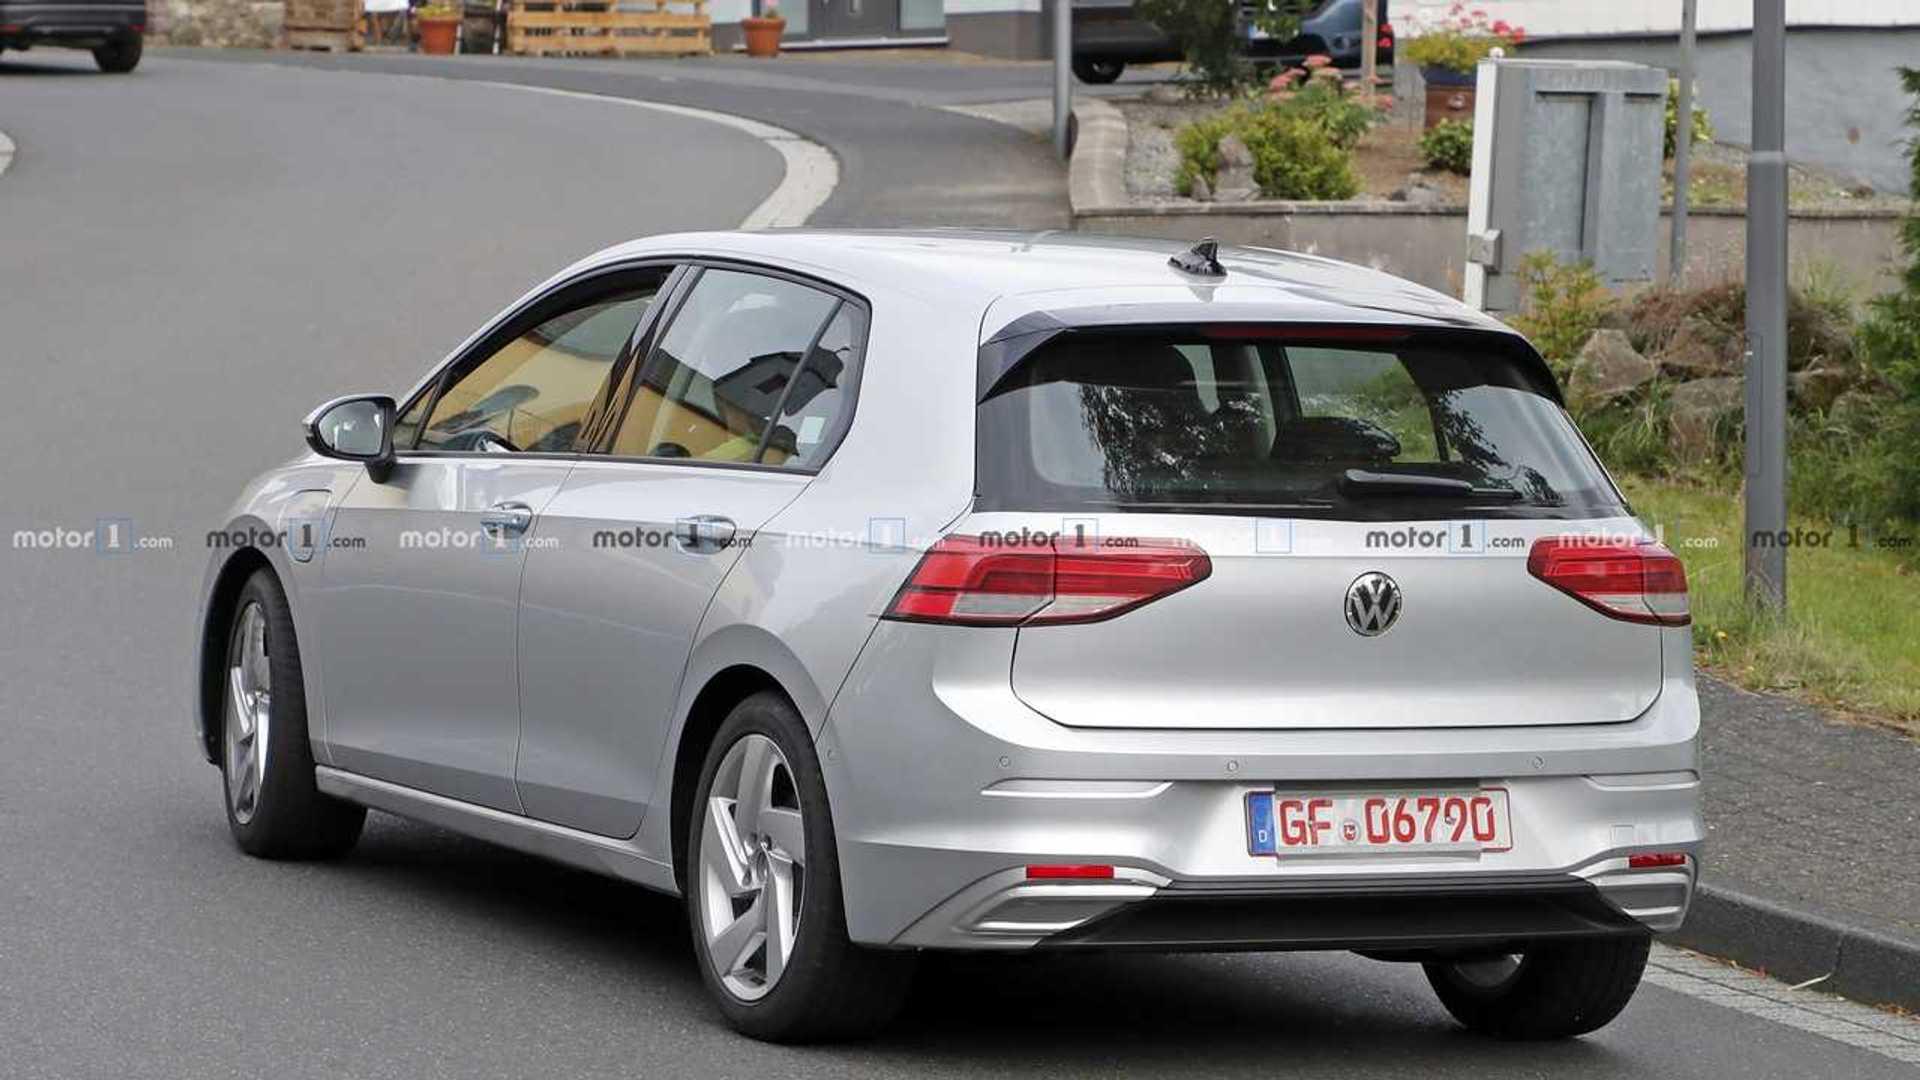 2020 - [Volkswagen] Golf VIII - Page 32 2021-vw-golf-gte-spy-photo